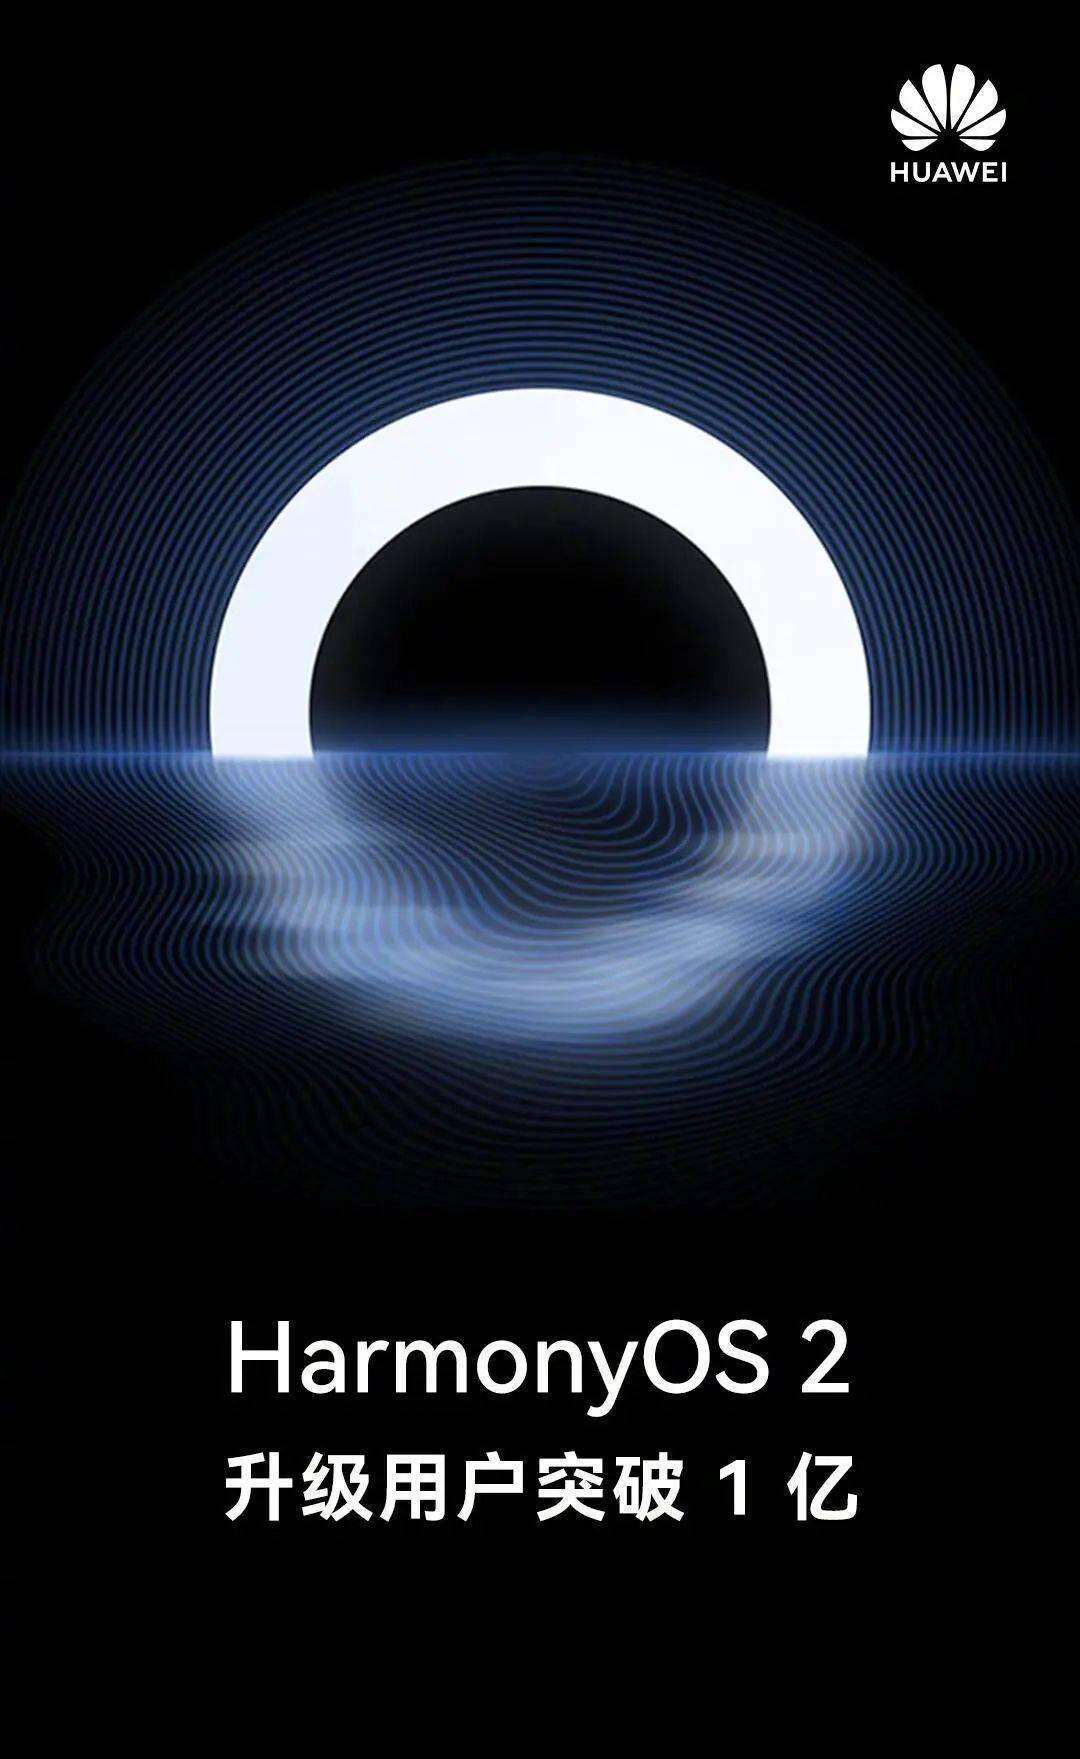 鸿蒙OS2用户已破1亿,荣耀9.22将举办发布会